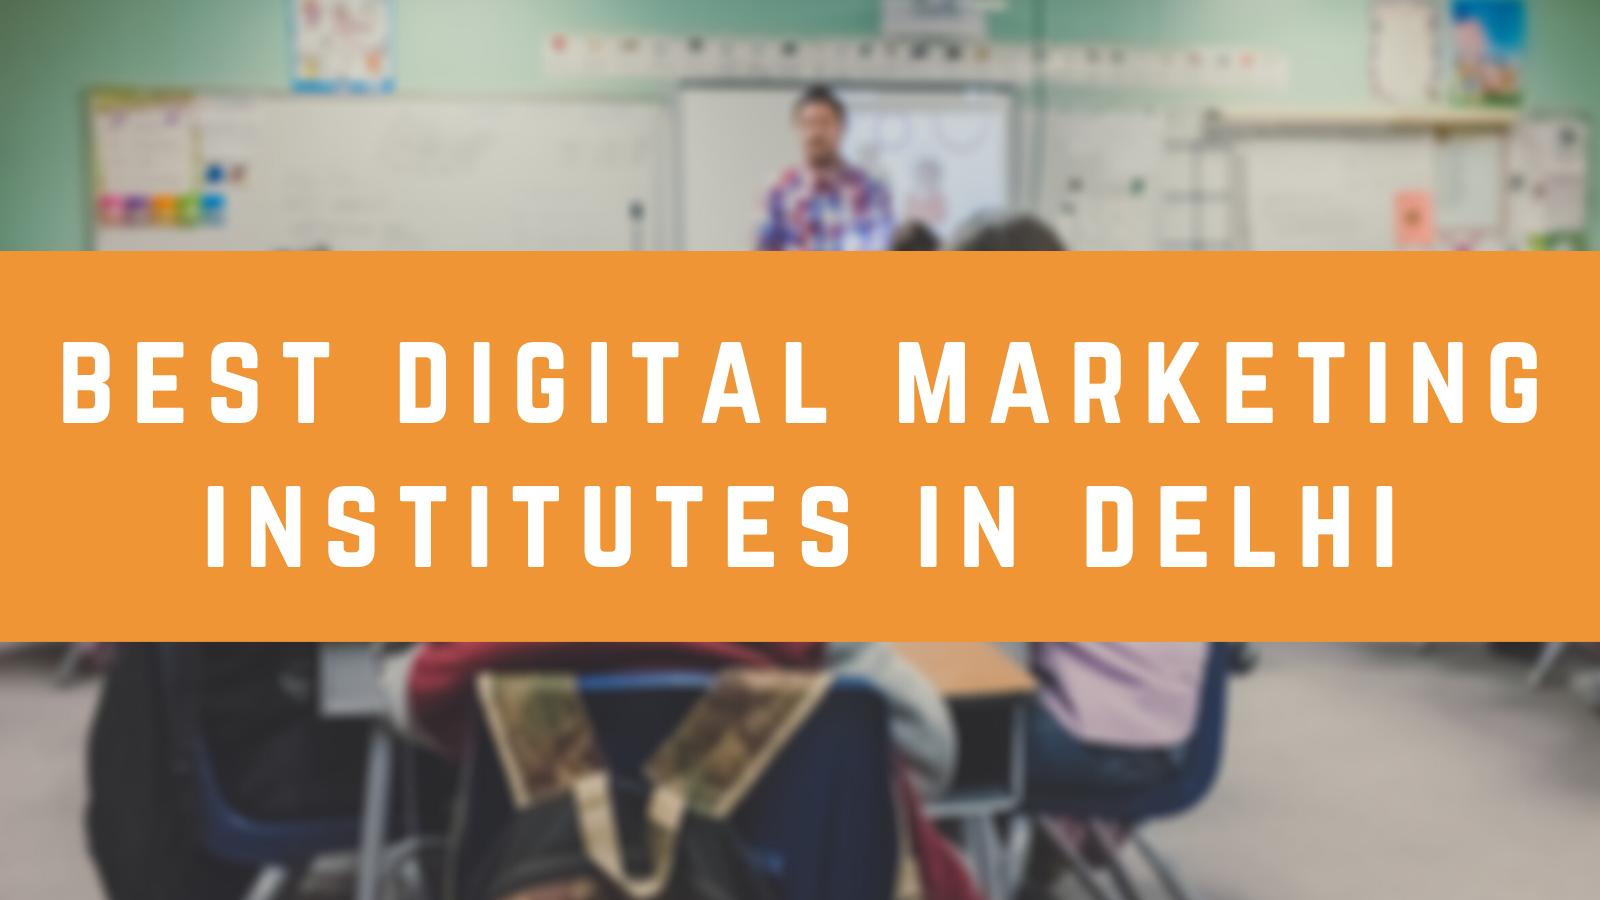 Digital Marketing Institutes in Delhi